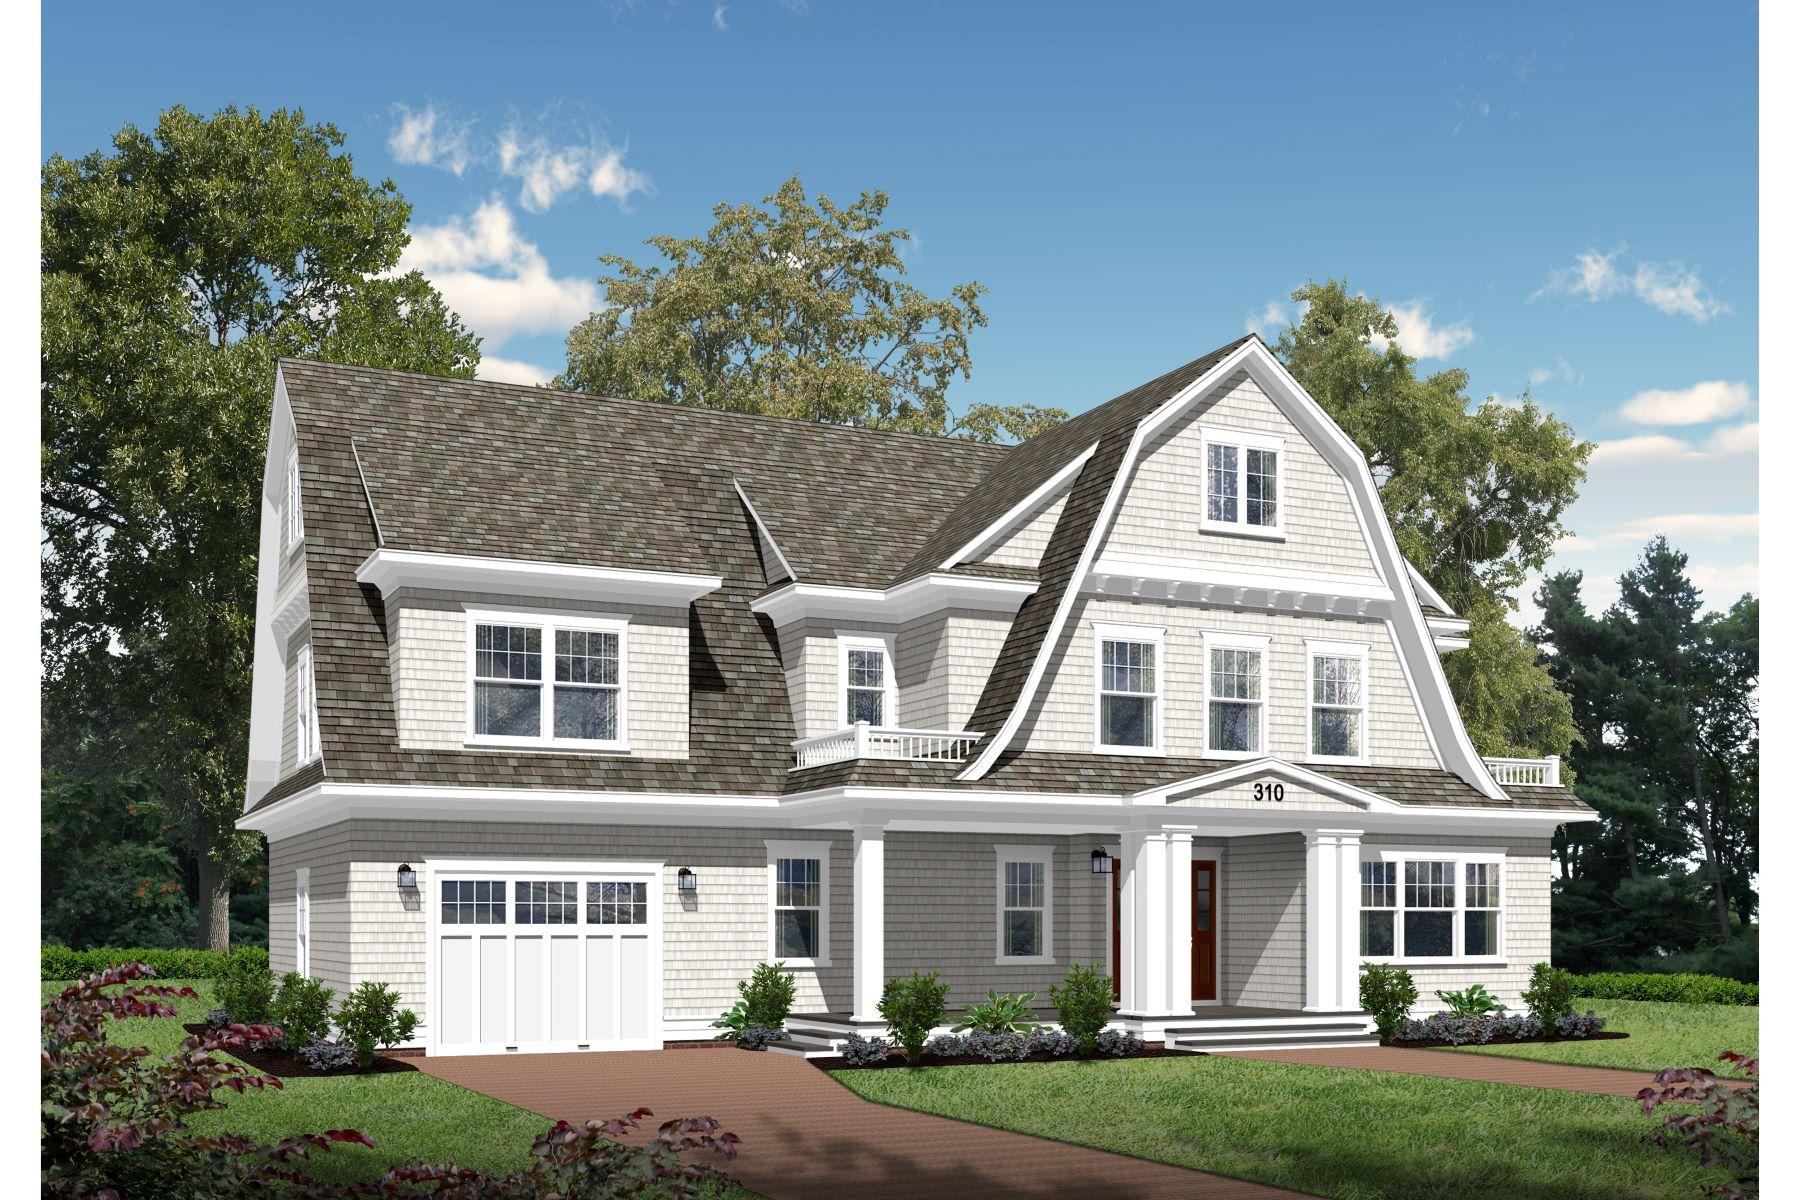 Casa para uma família para Venda às Nantucket Shore Colonial! 310 Beacon Boulevard Sea Girt, Nova Jersey, 08750 Estados Unidos